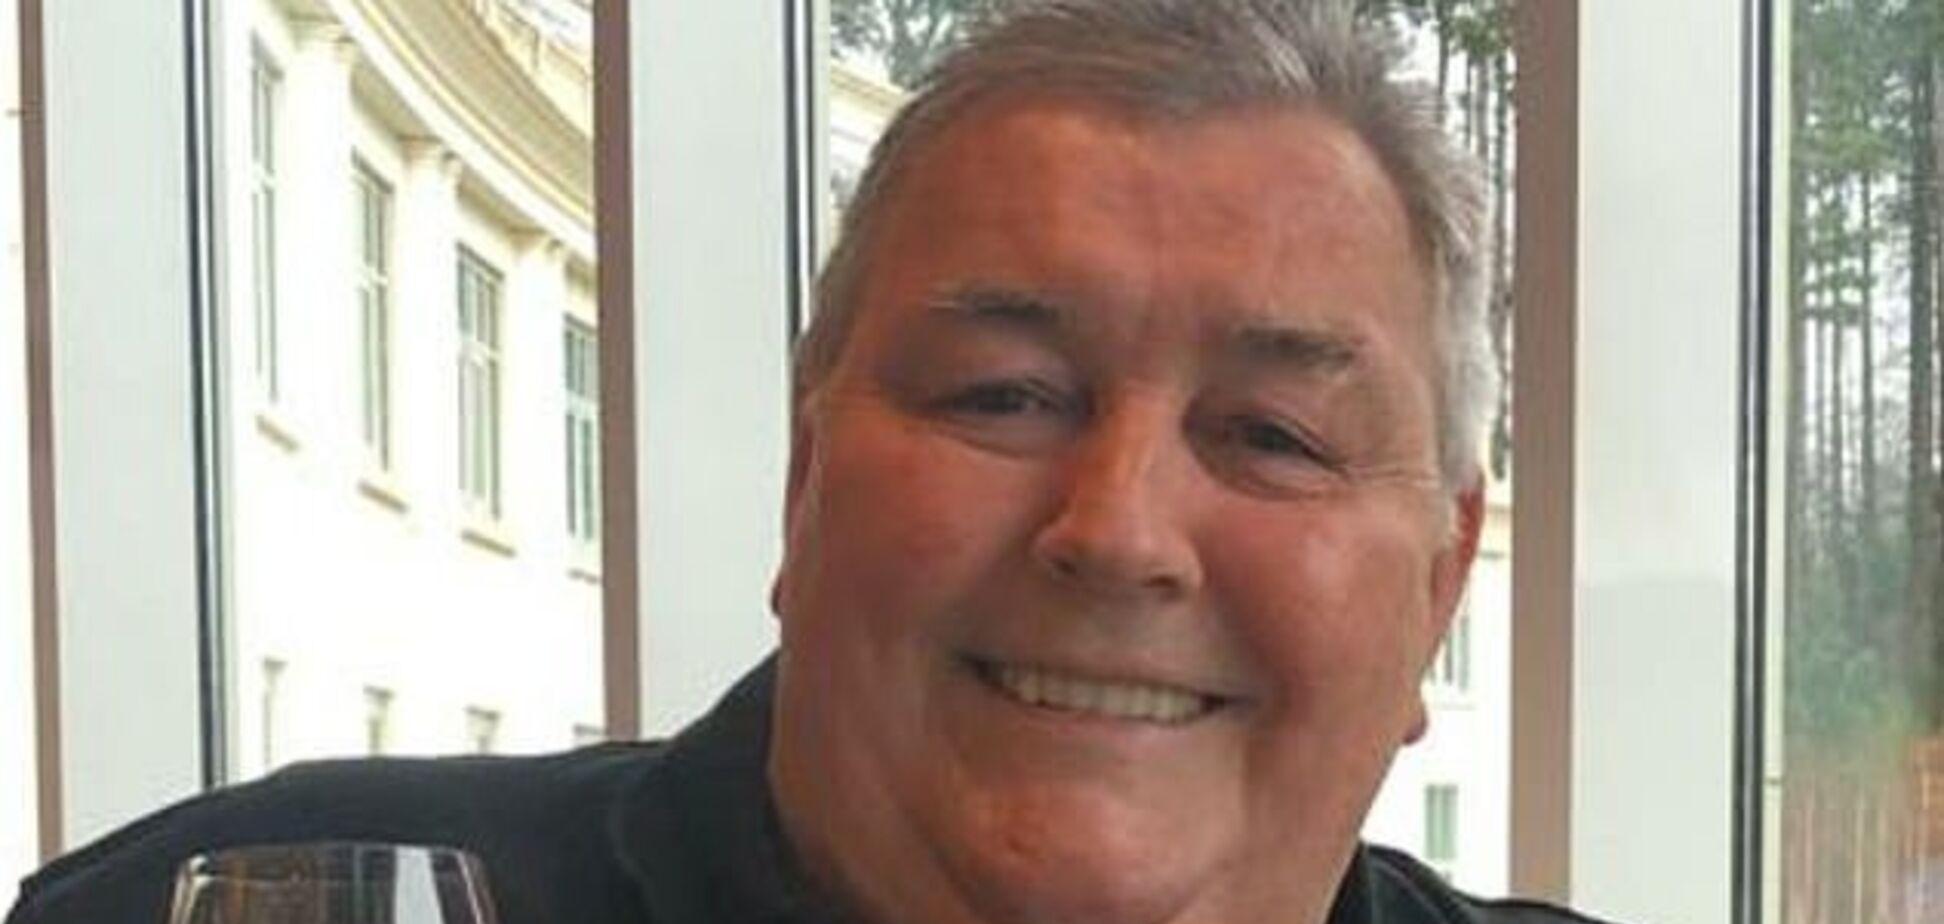 'Выпустите меня': ирландец 'заговорил' с того света, рассмешив близких на похоронах